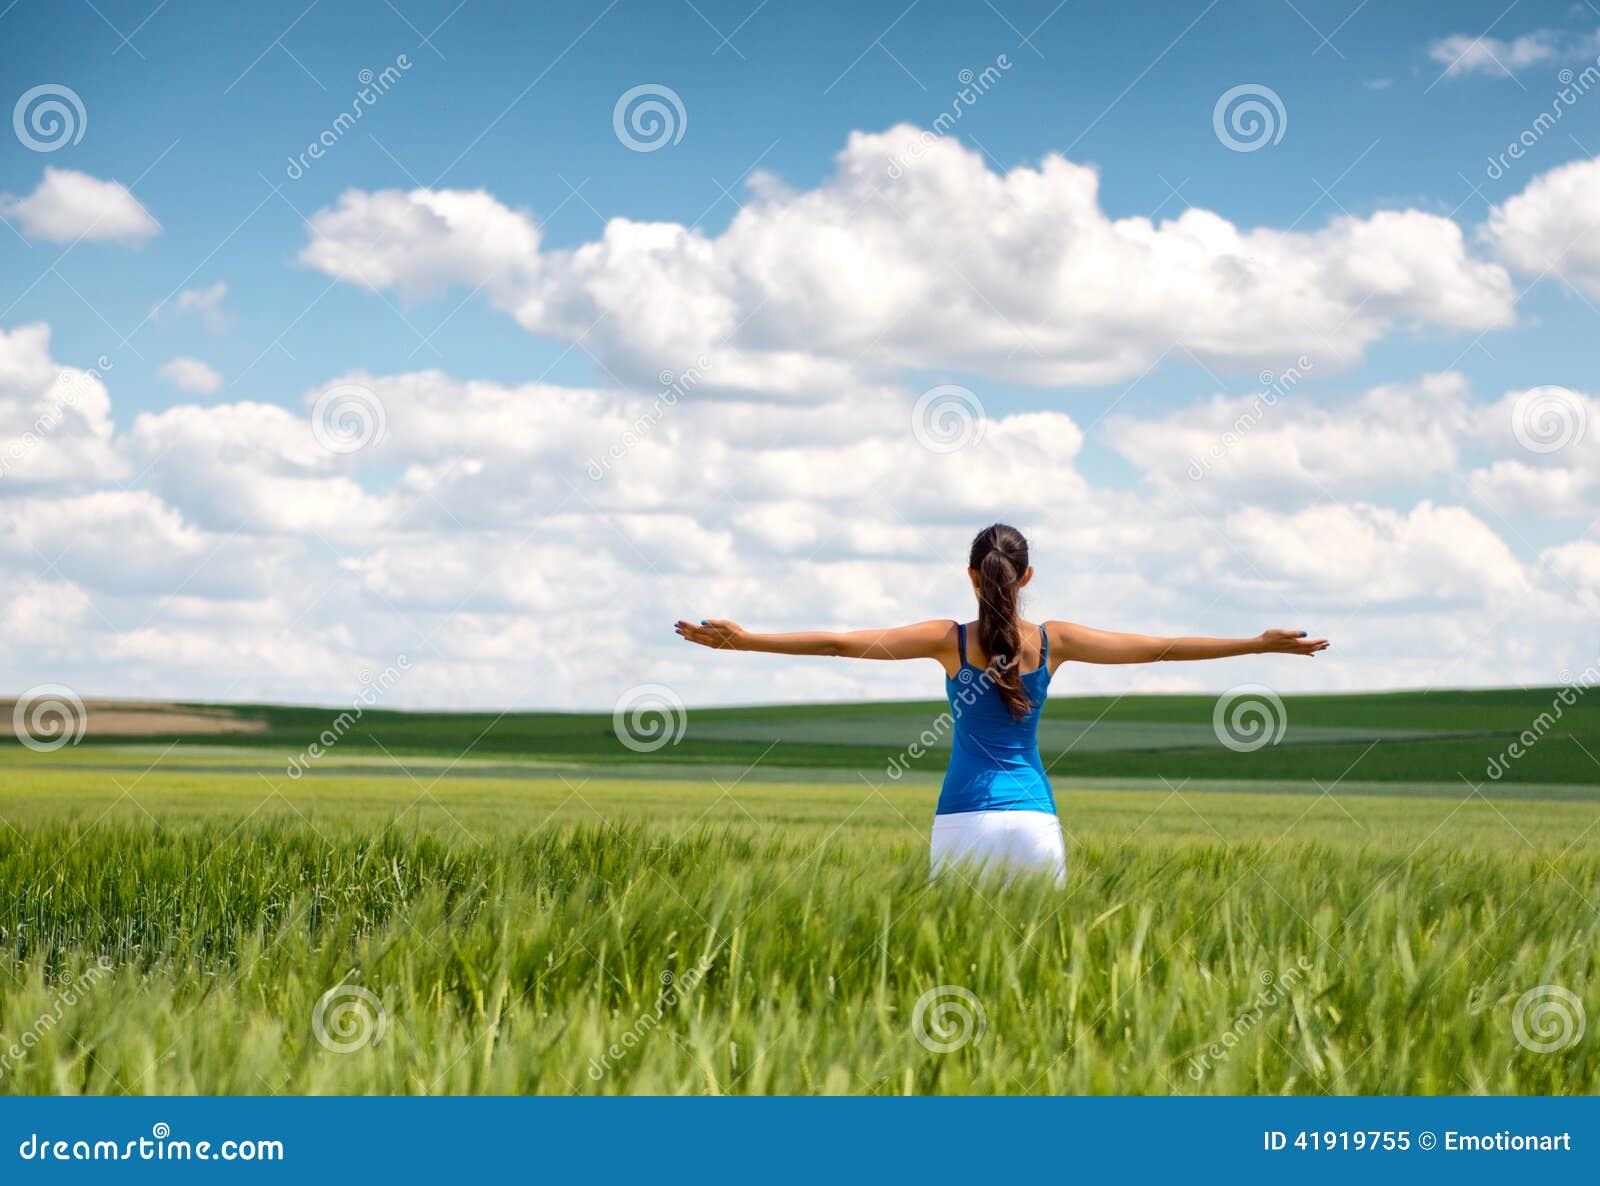 Imagen de una muchacha en un campo de trigo con los brazos separados